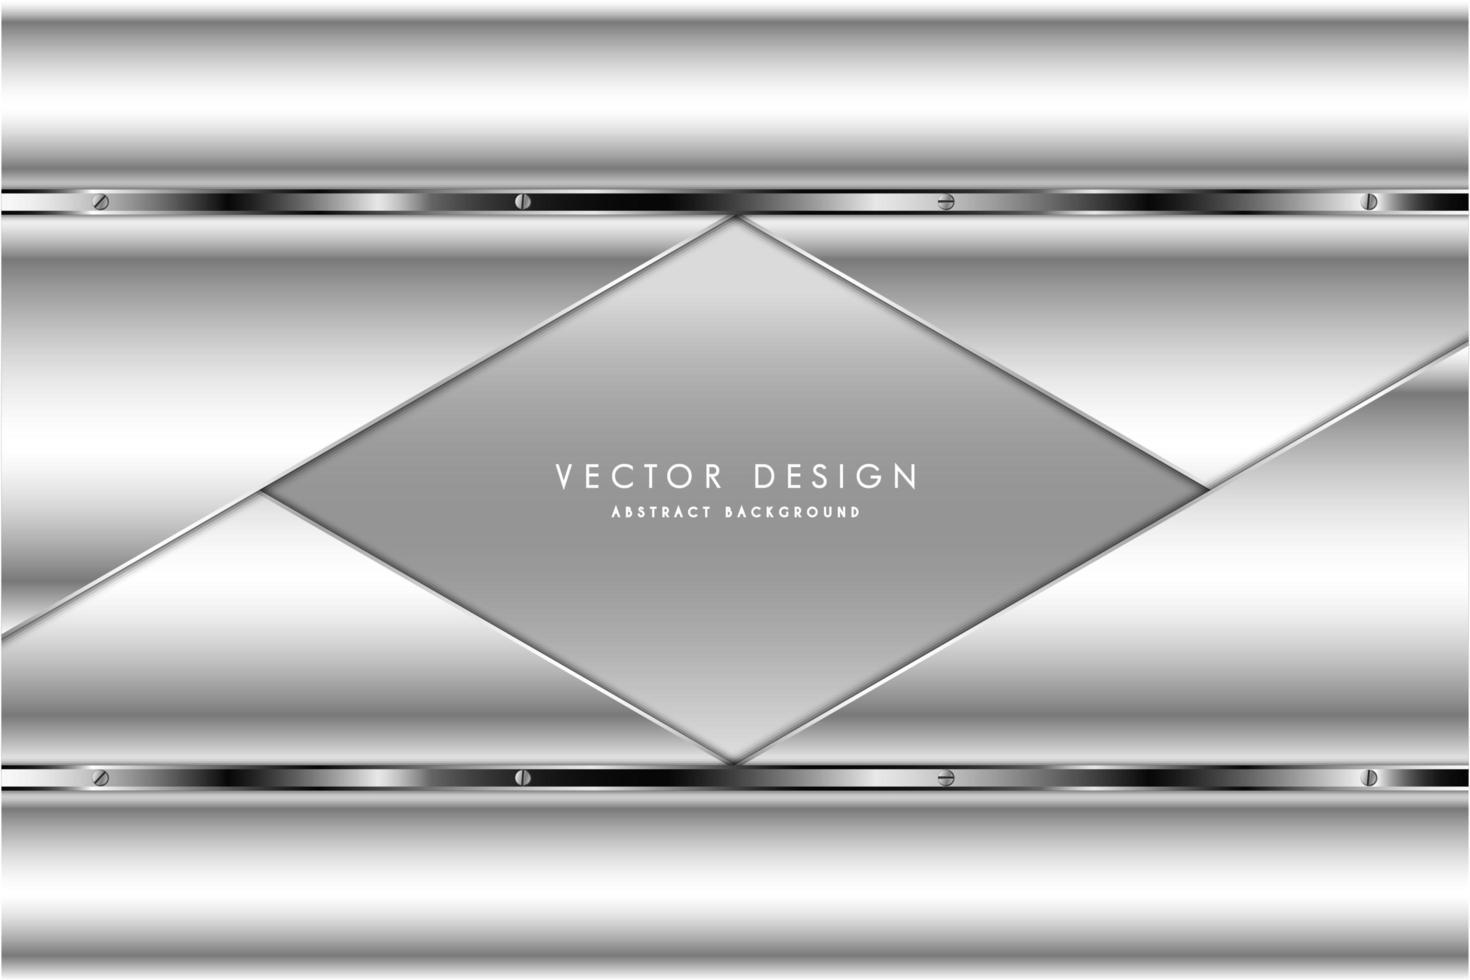 diseño de metal gris y plata de lujo vector